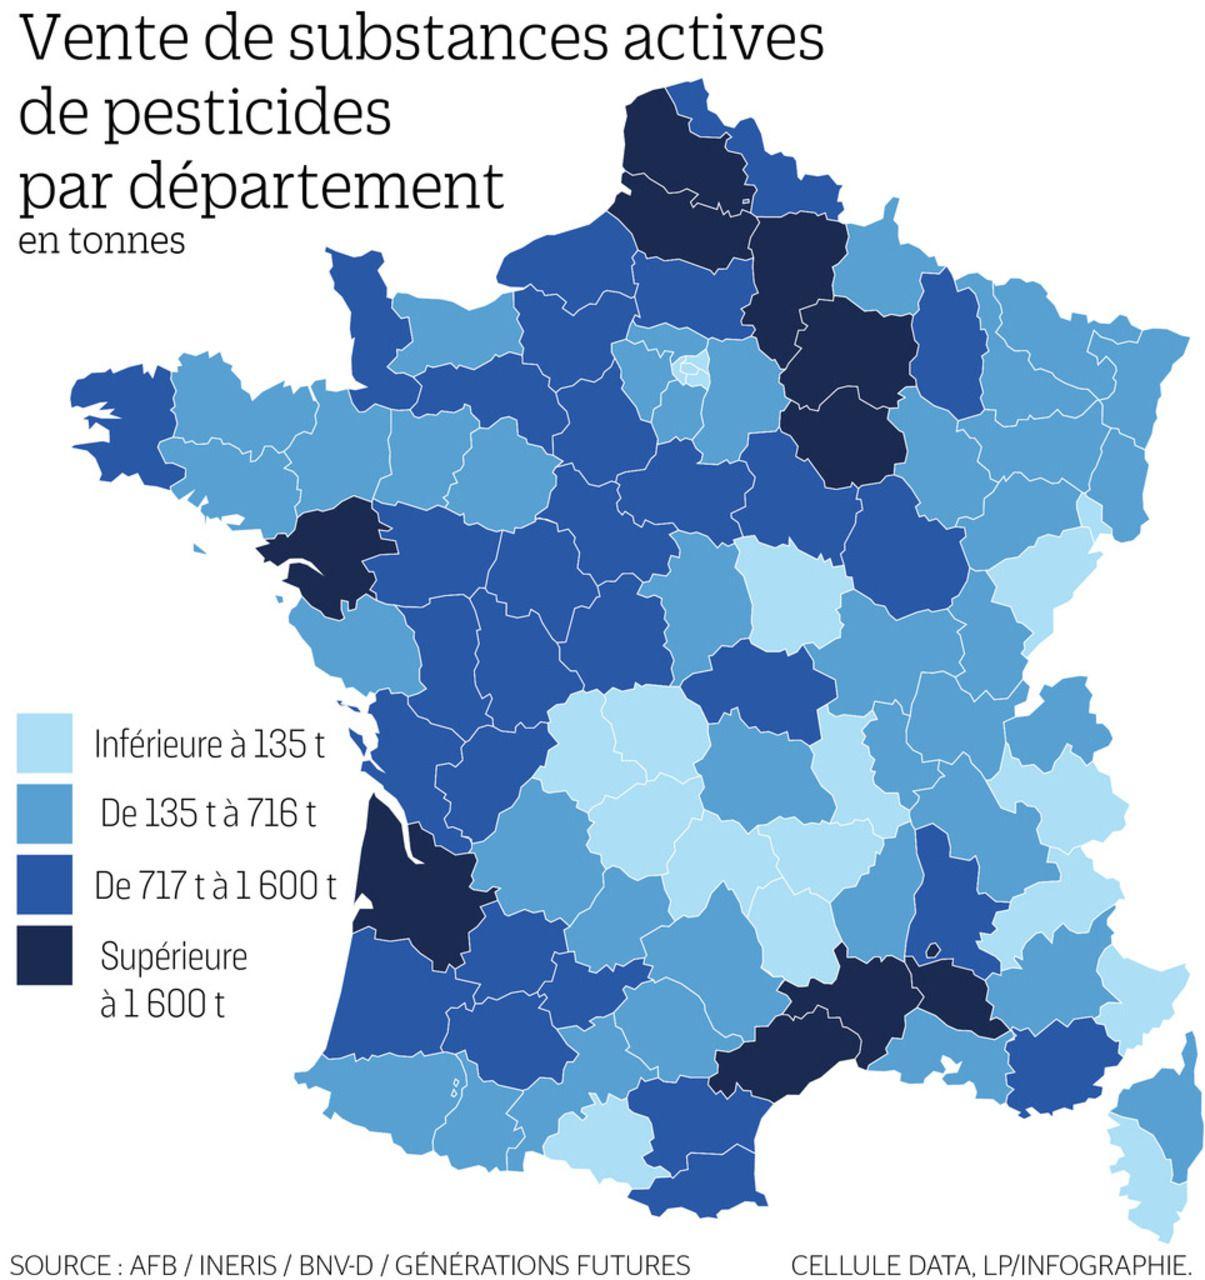 La Carte De France Des Départements Les Plus Consommateurs tout Carte Région France 2017